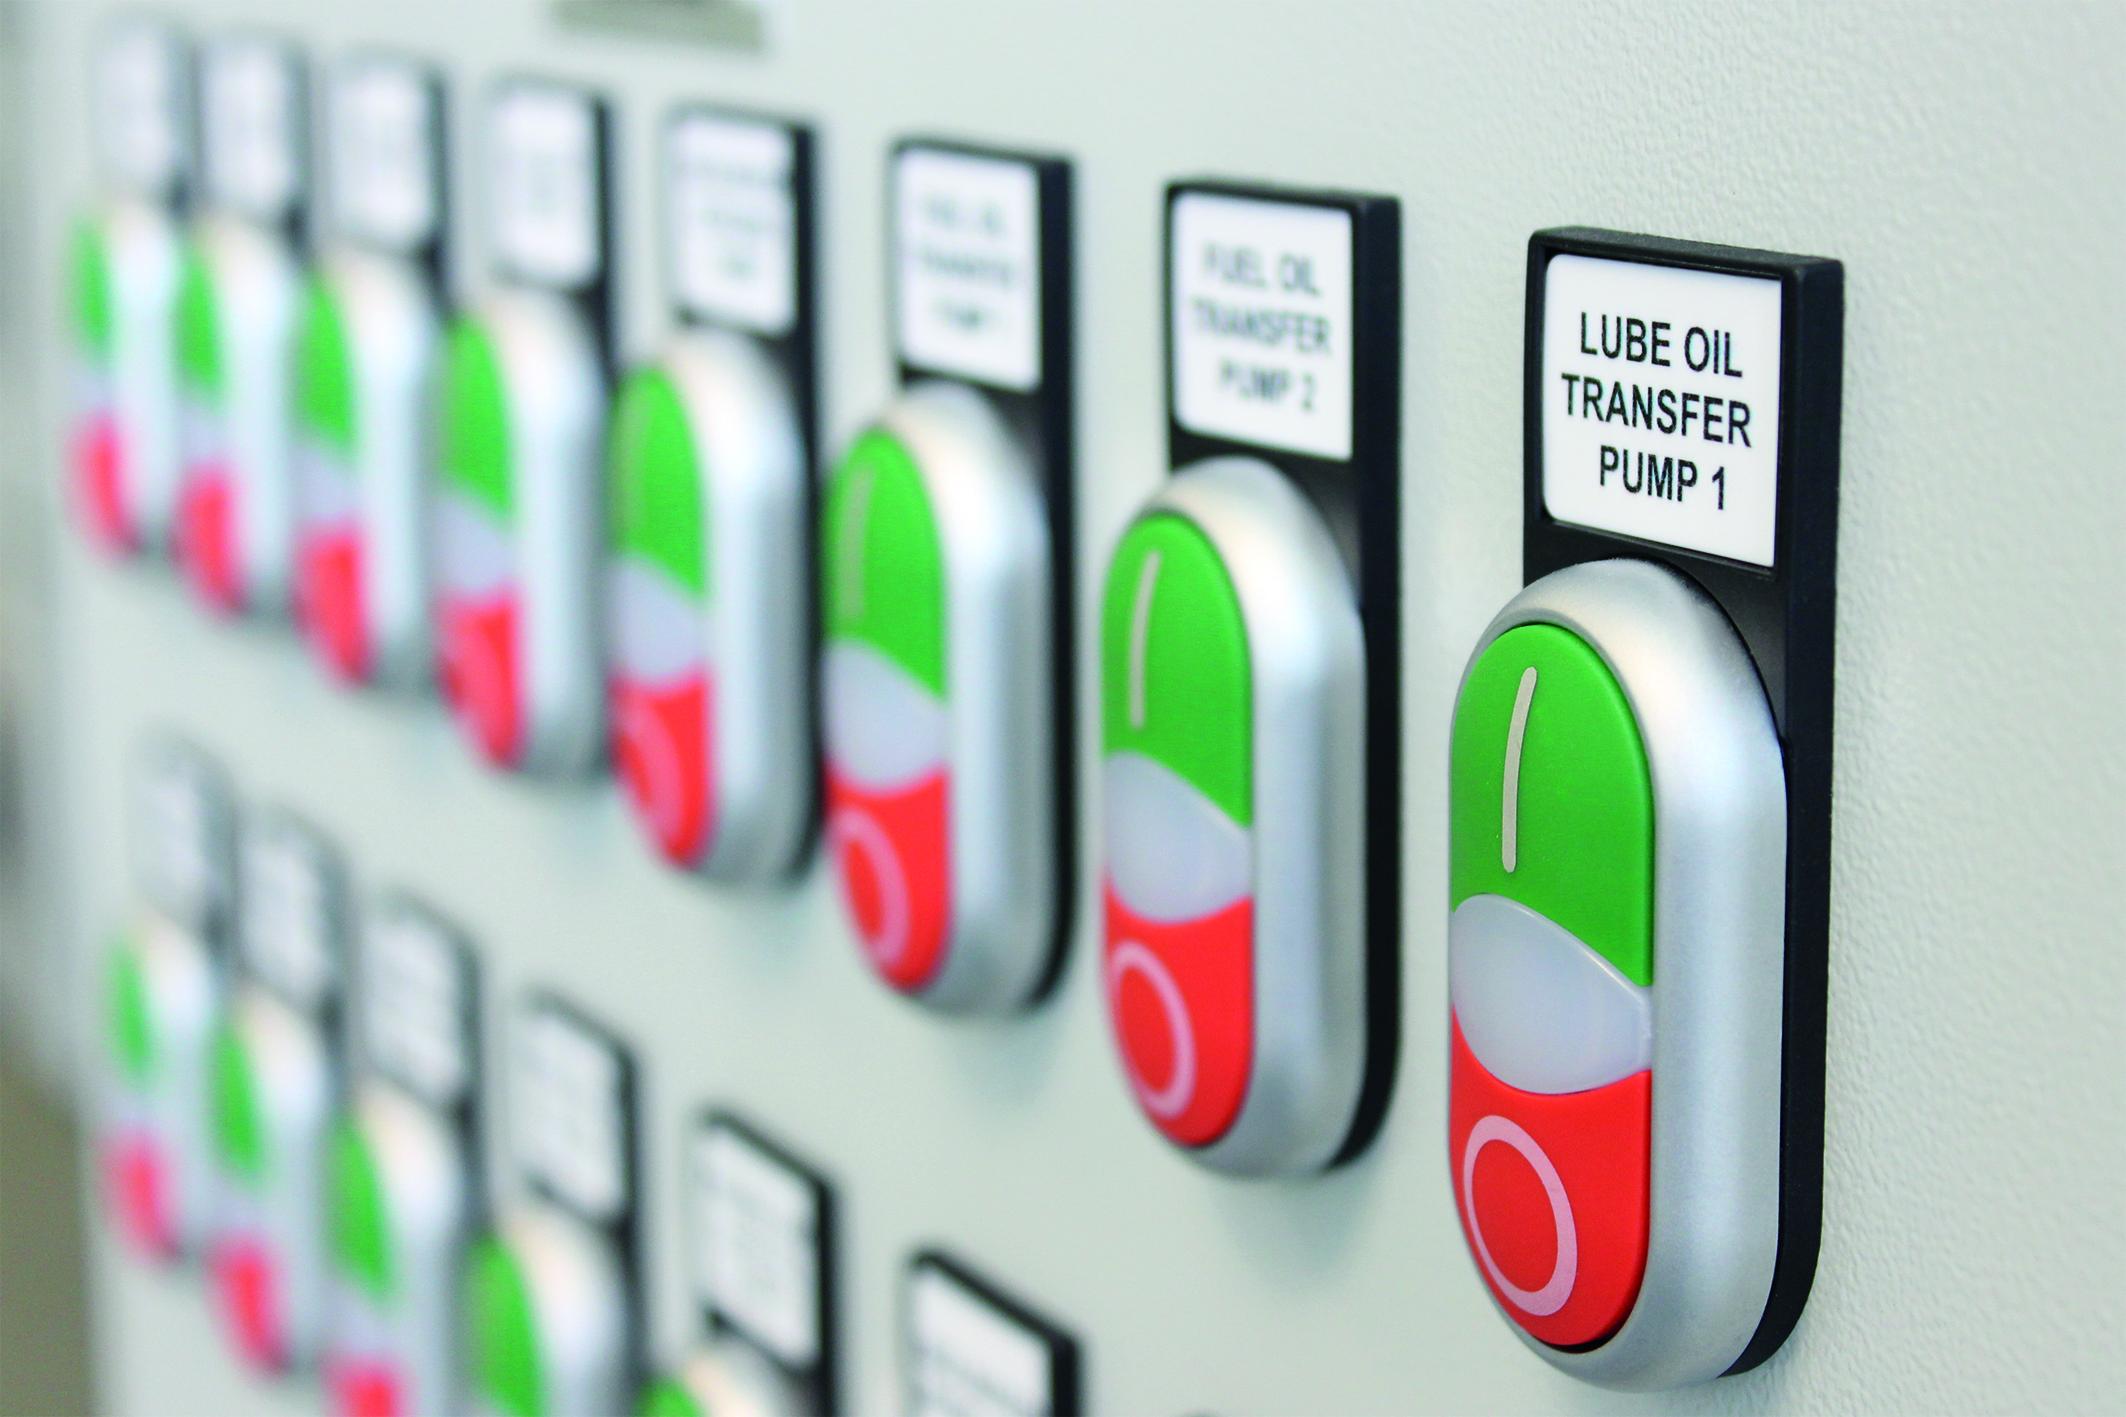 Die Noris Group liefert Automatisierungssysteme für Schiffe. (Bild: Noris Group GmbH)